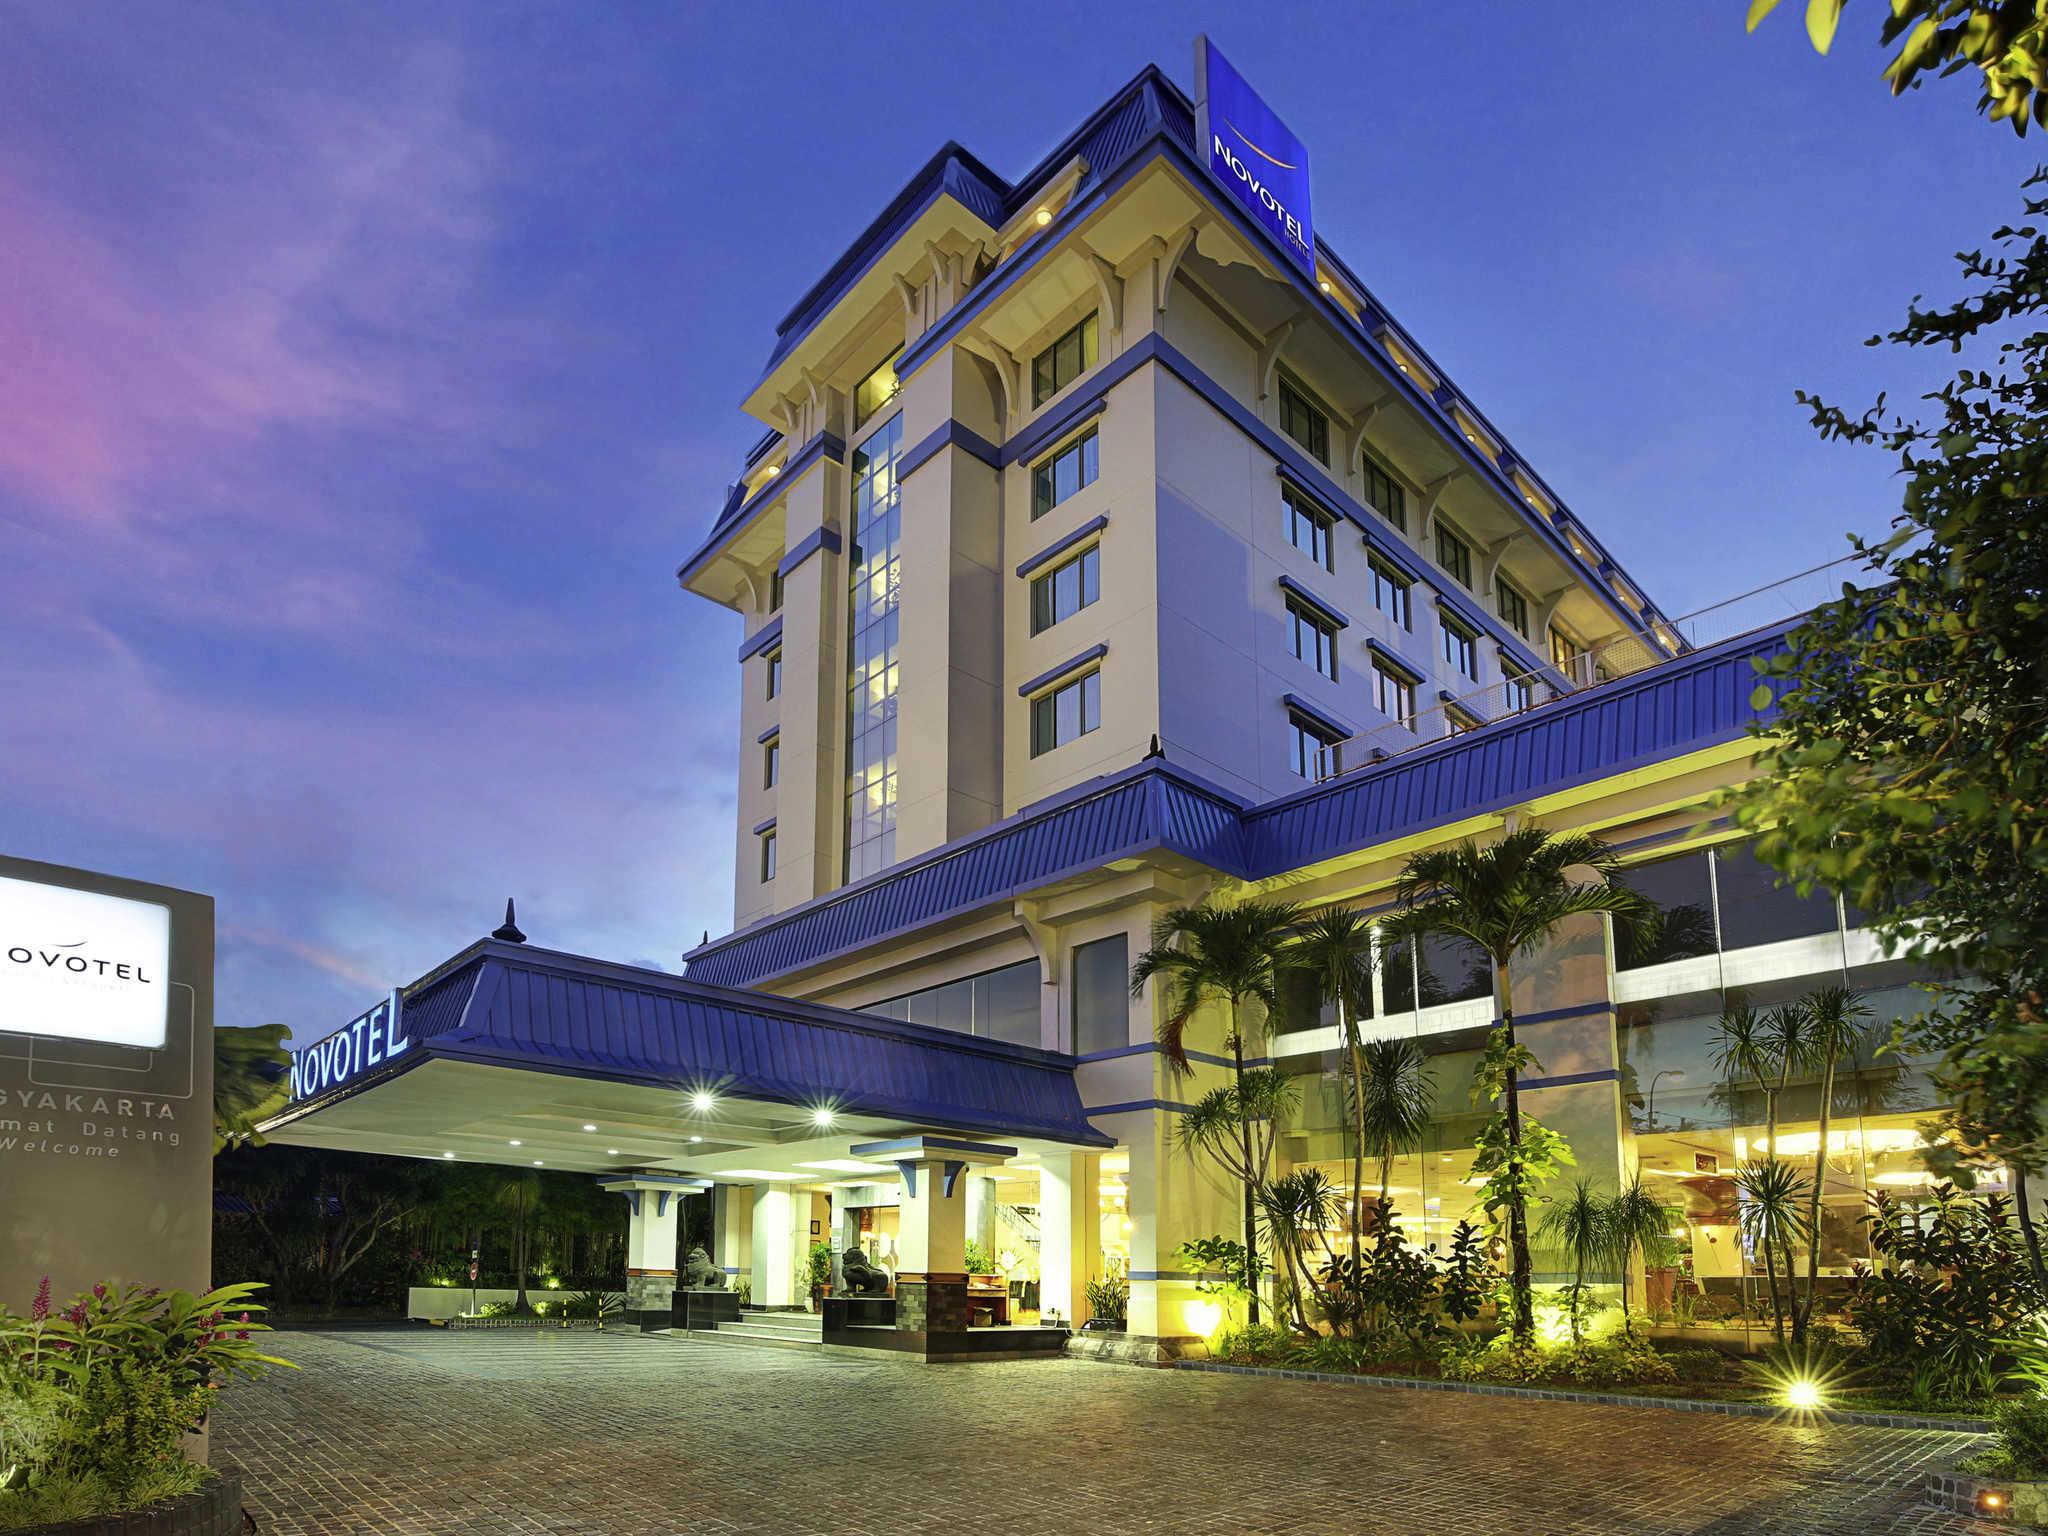 Hotel – Novotel Yogyakarta